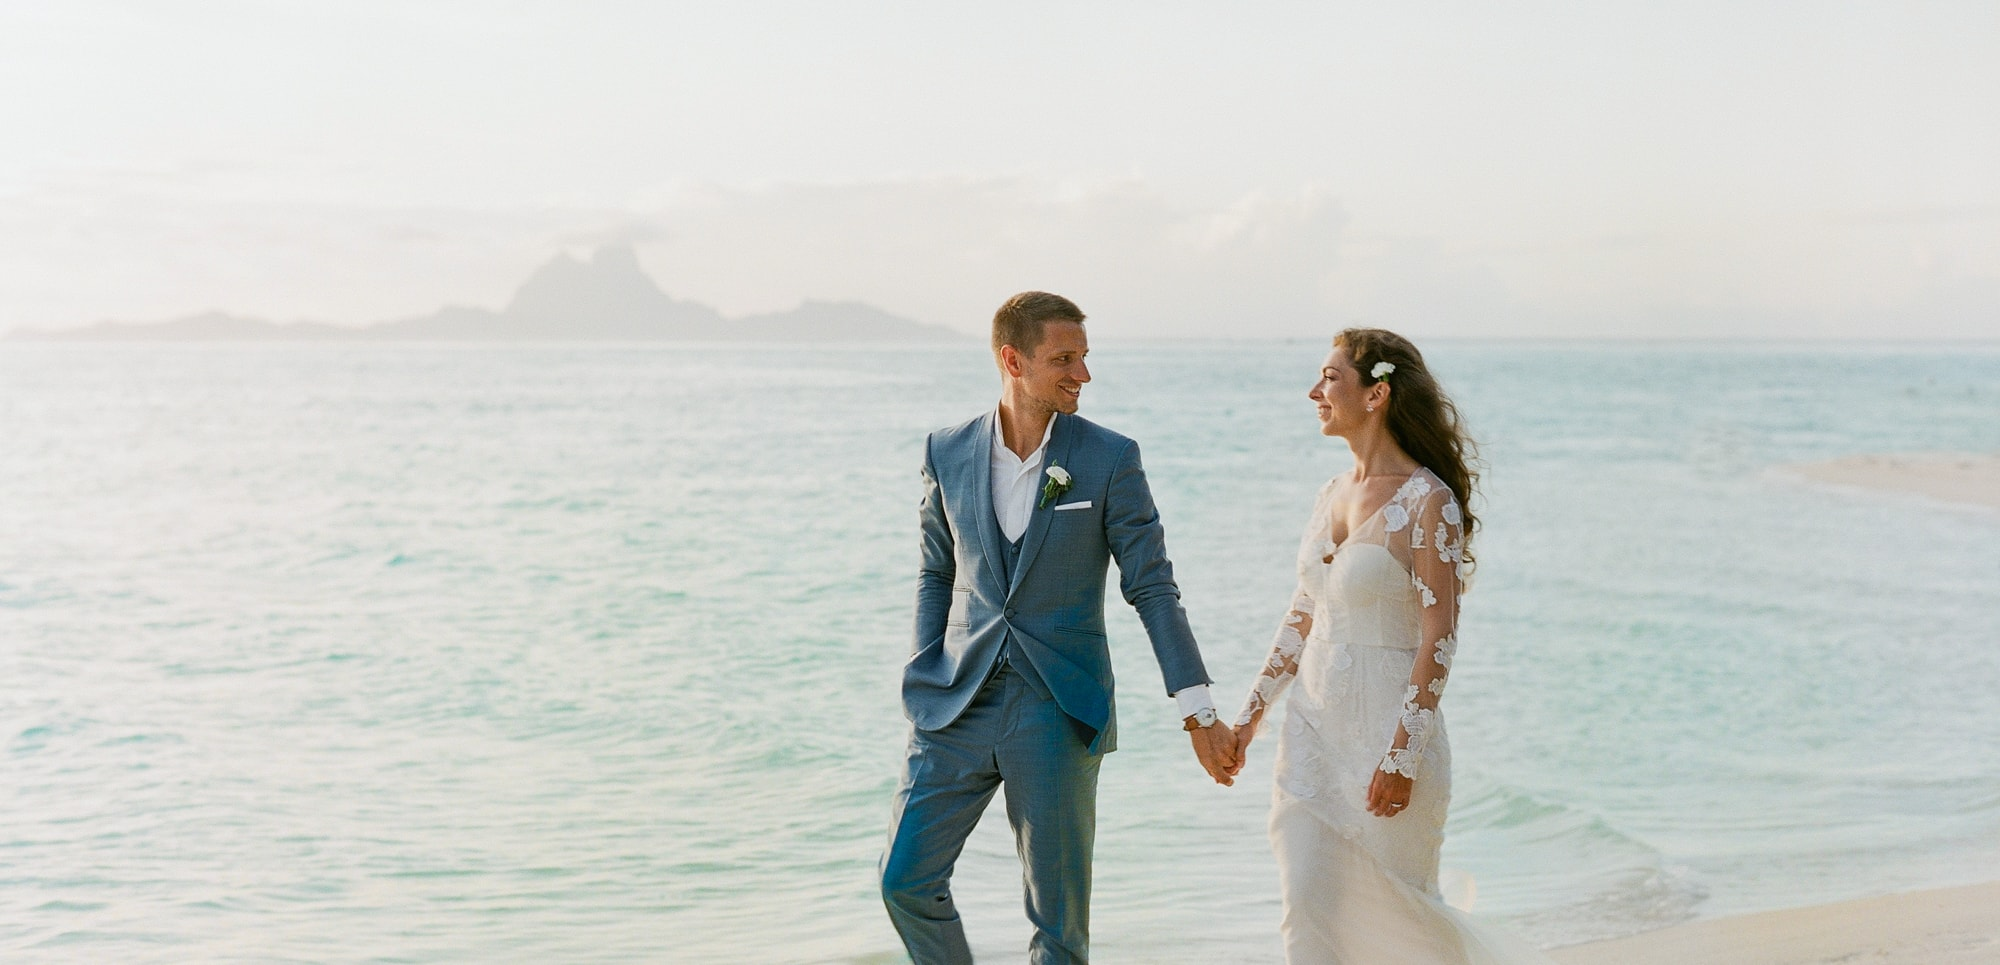 https://tahititourisme.mx/wp-content/uploads/2021/04/PCP-Bora-Bora-Photography-Couple-Wedding-sunset.jpg